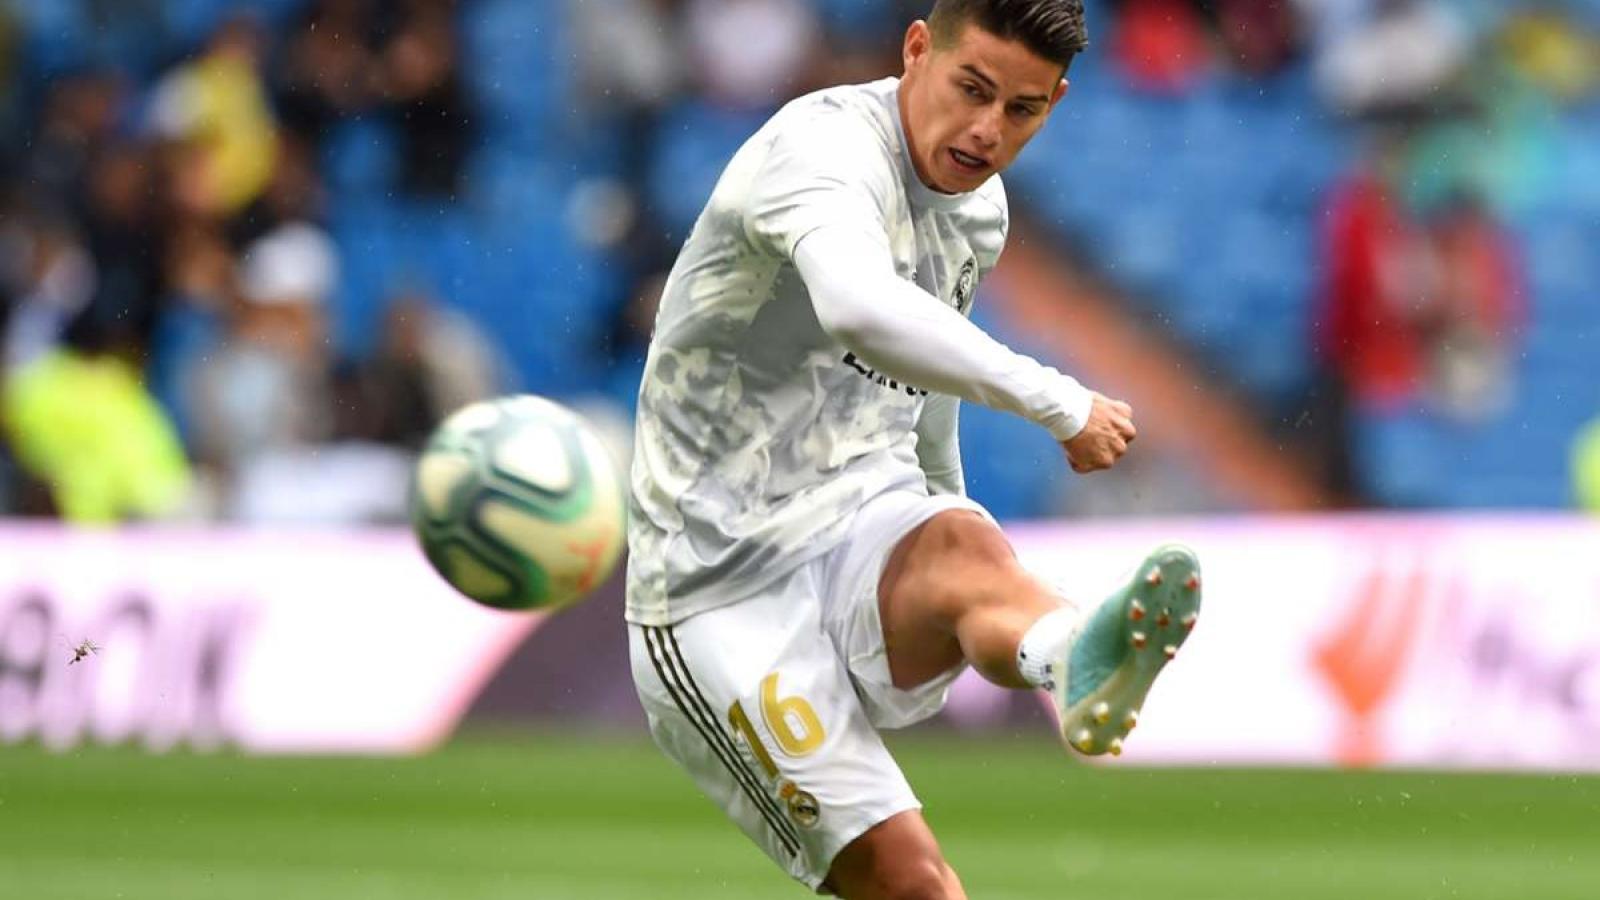 Chuyển nhượng 9/4: MU mua sao thất sủng ở Real, Chelsea mượn Coutinho